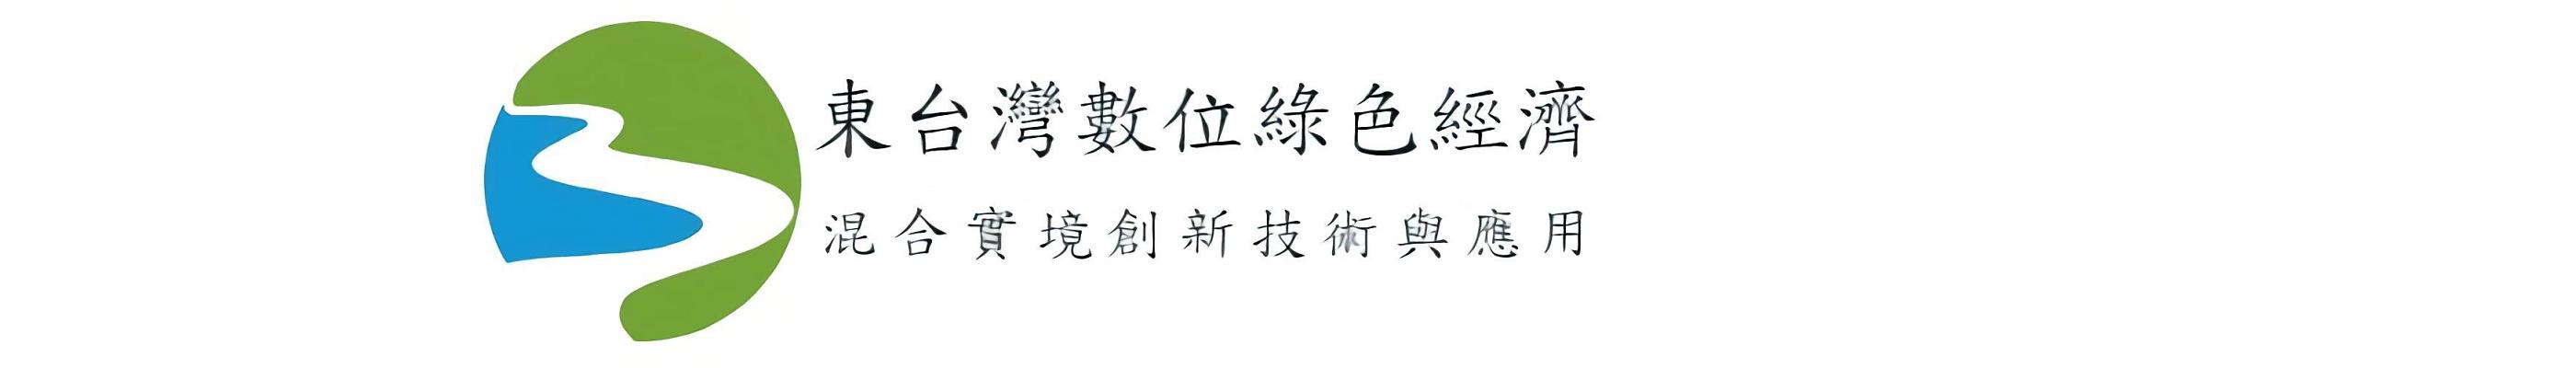 東台灣數位綠色經濟